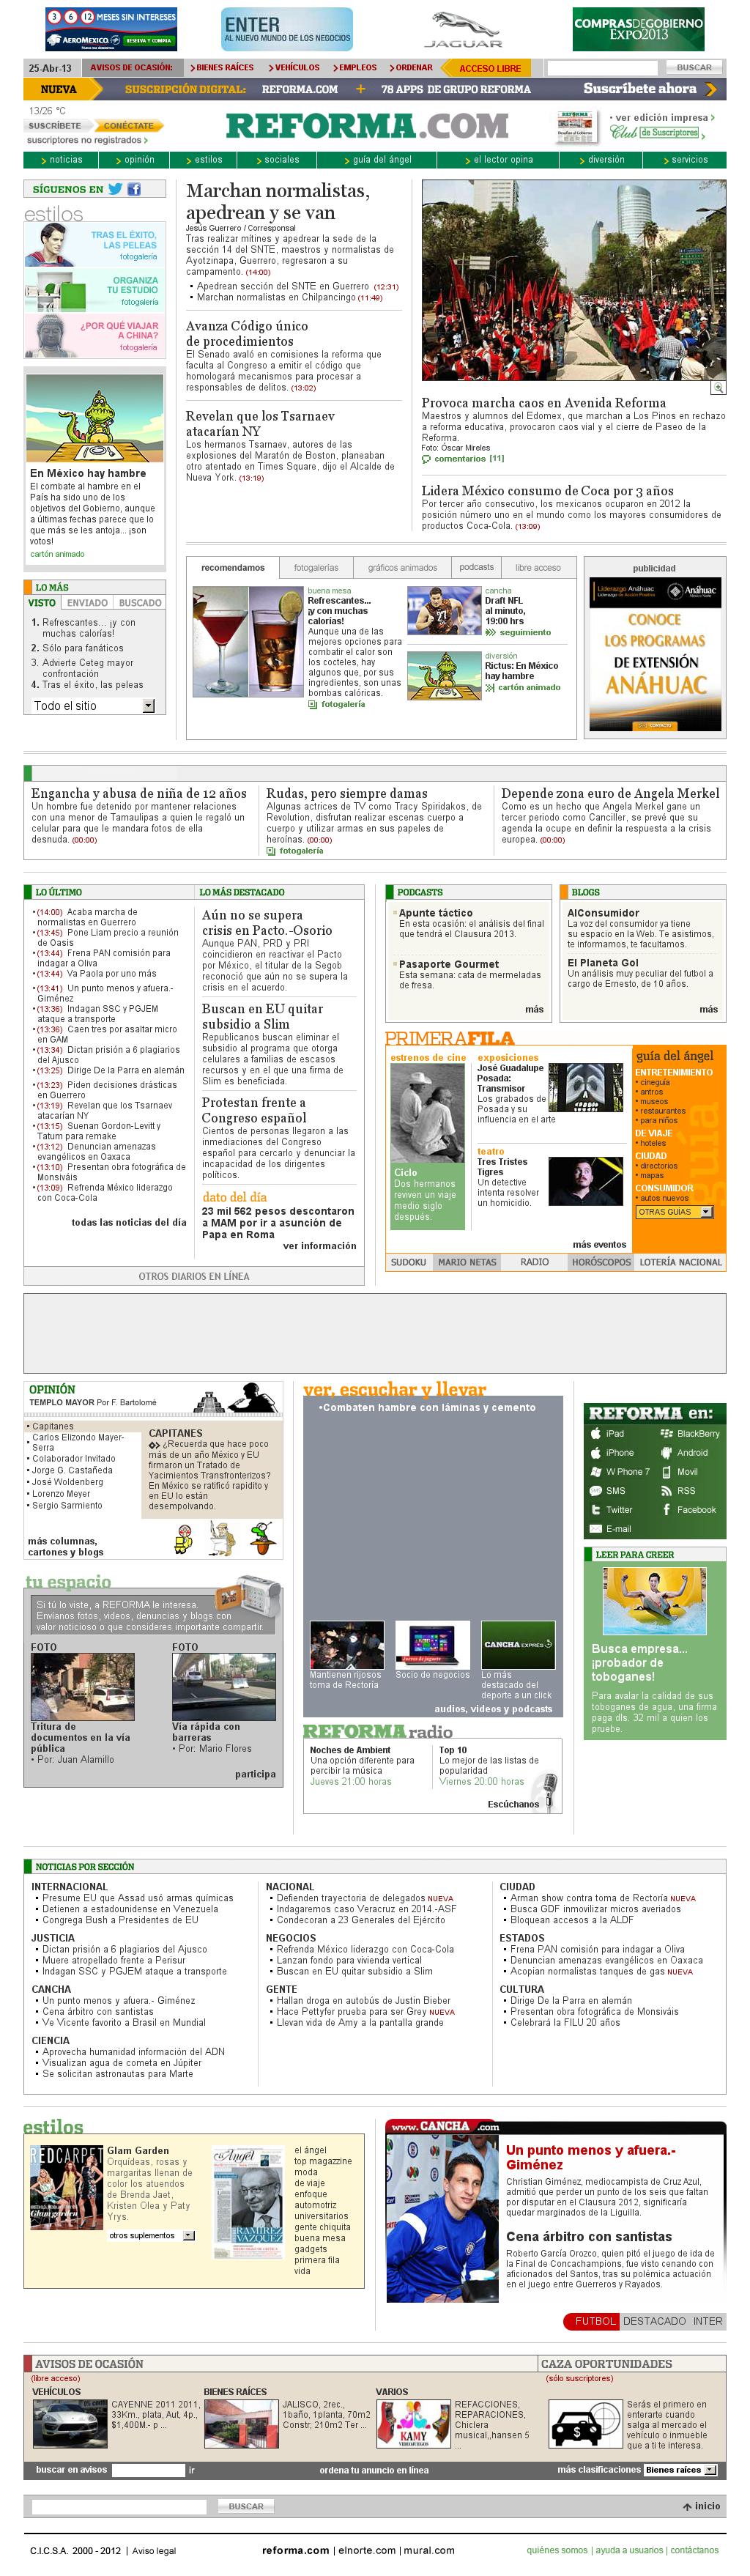 Reforma.com at Thursday April 25, 2013, 7:26 p.m. UTC